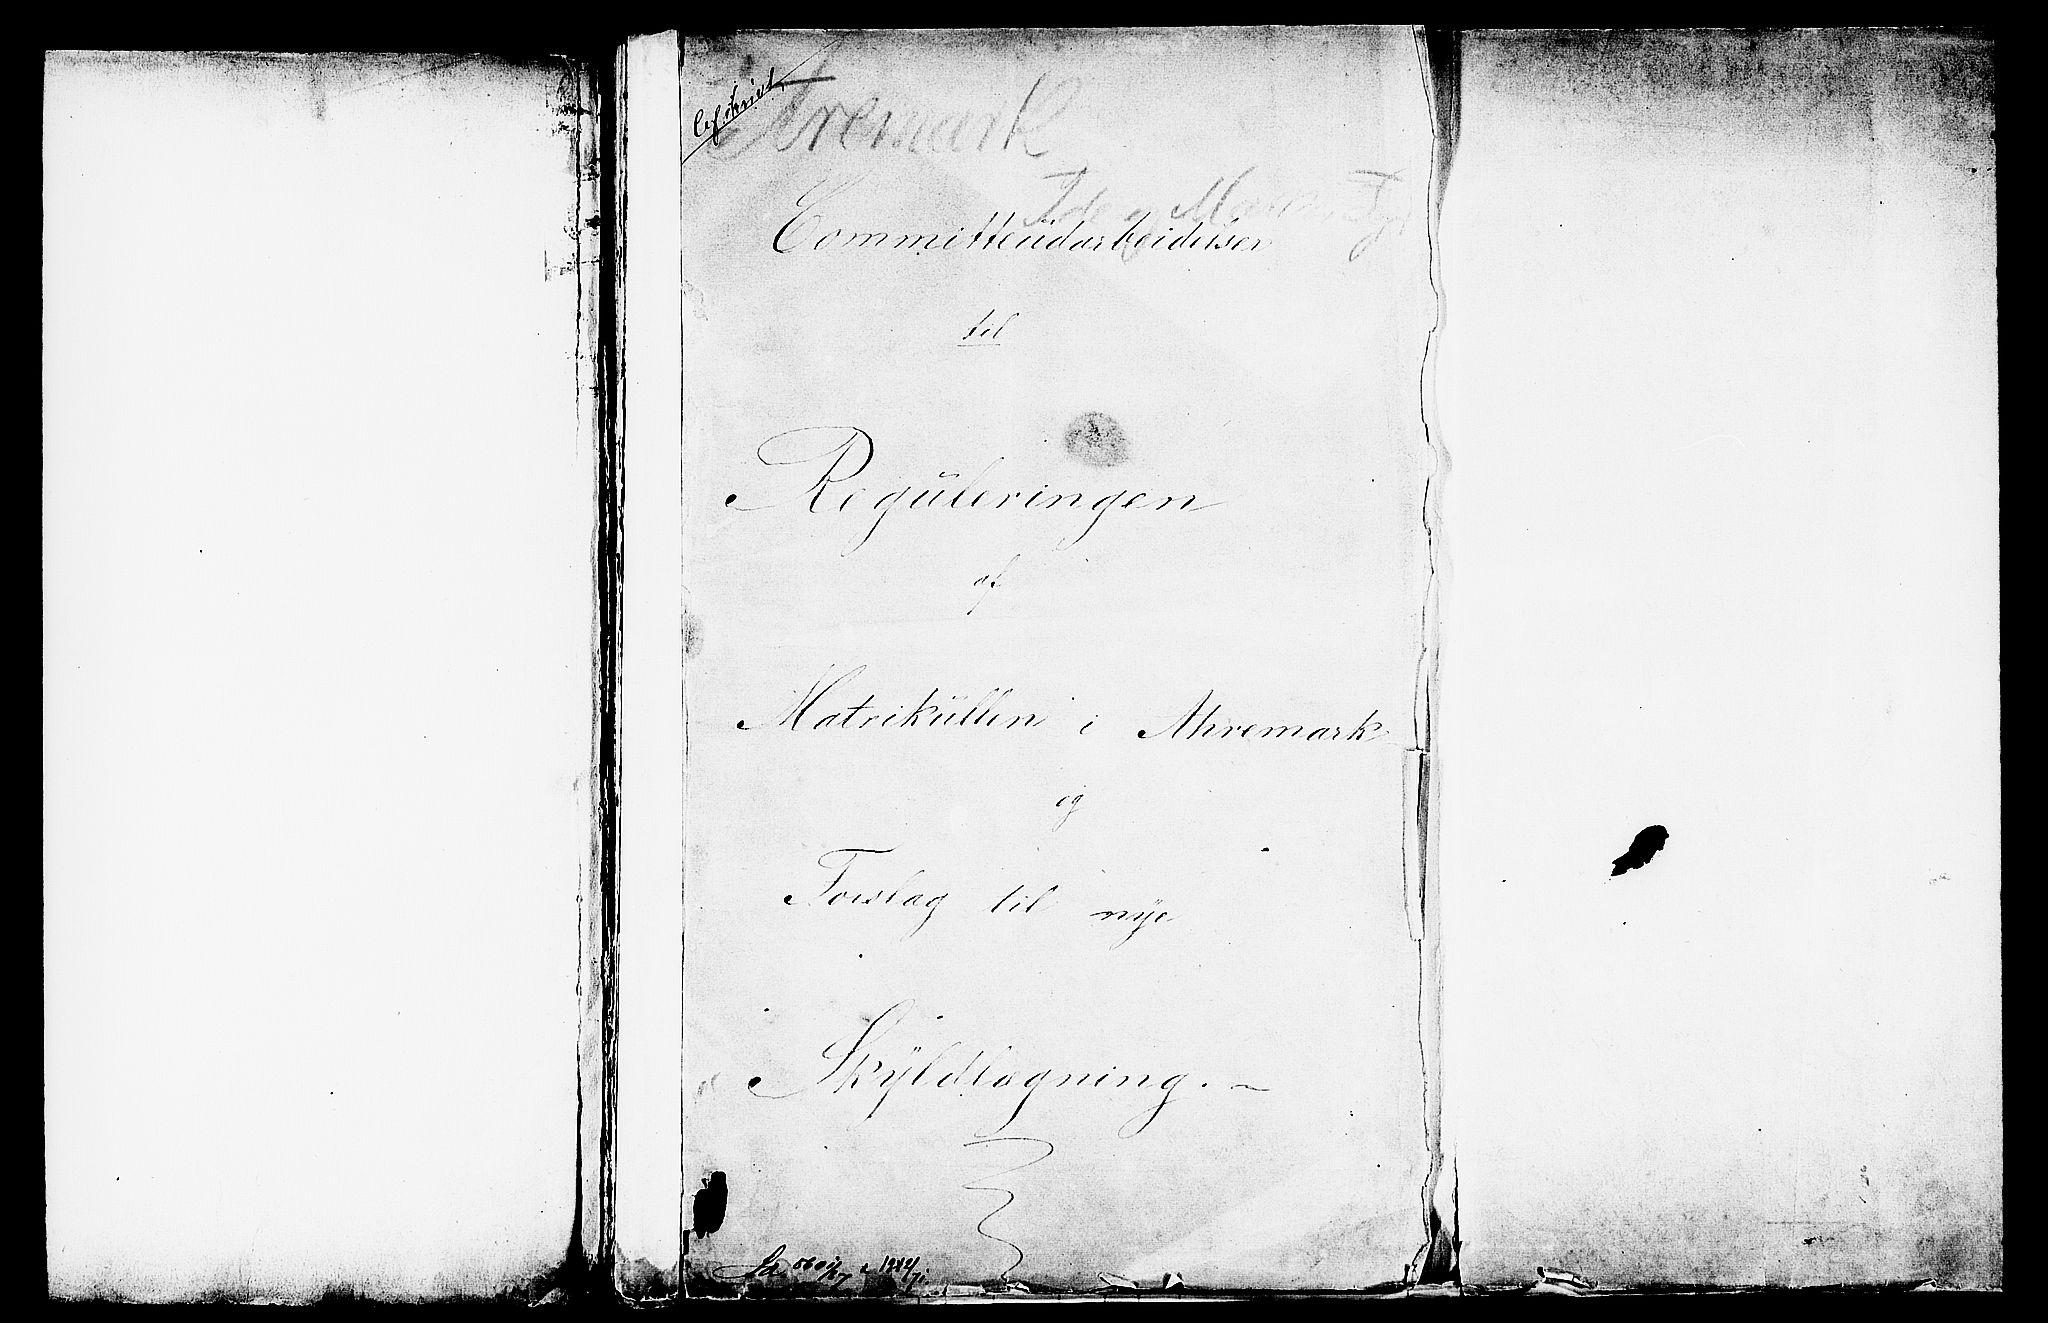 RA, Matrikkelrevisjonen av 1863, F/Fe/L0008: Aremark (Ømark), 1863